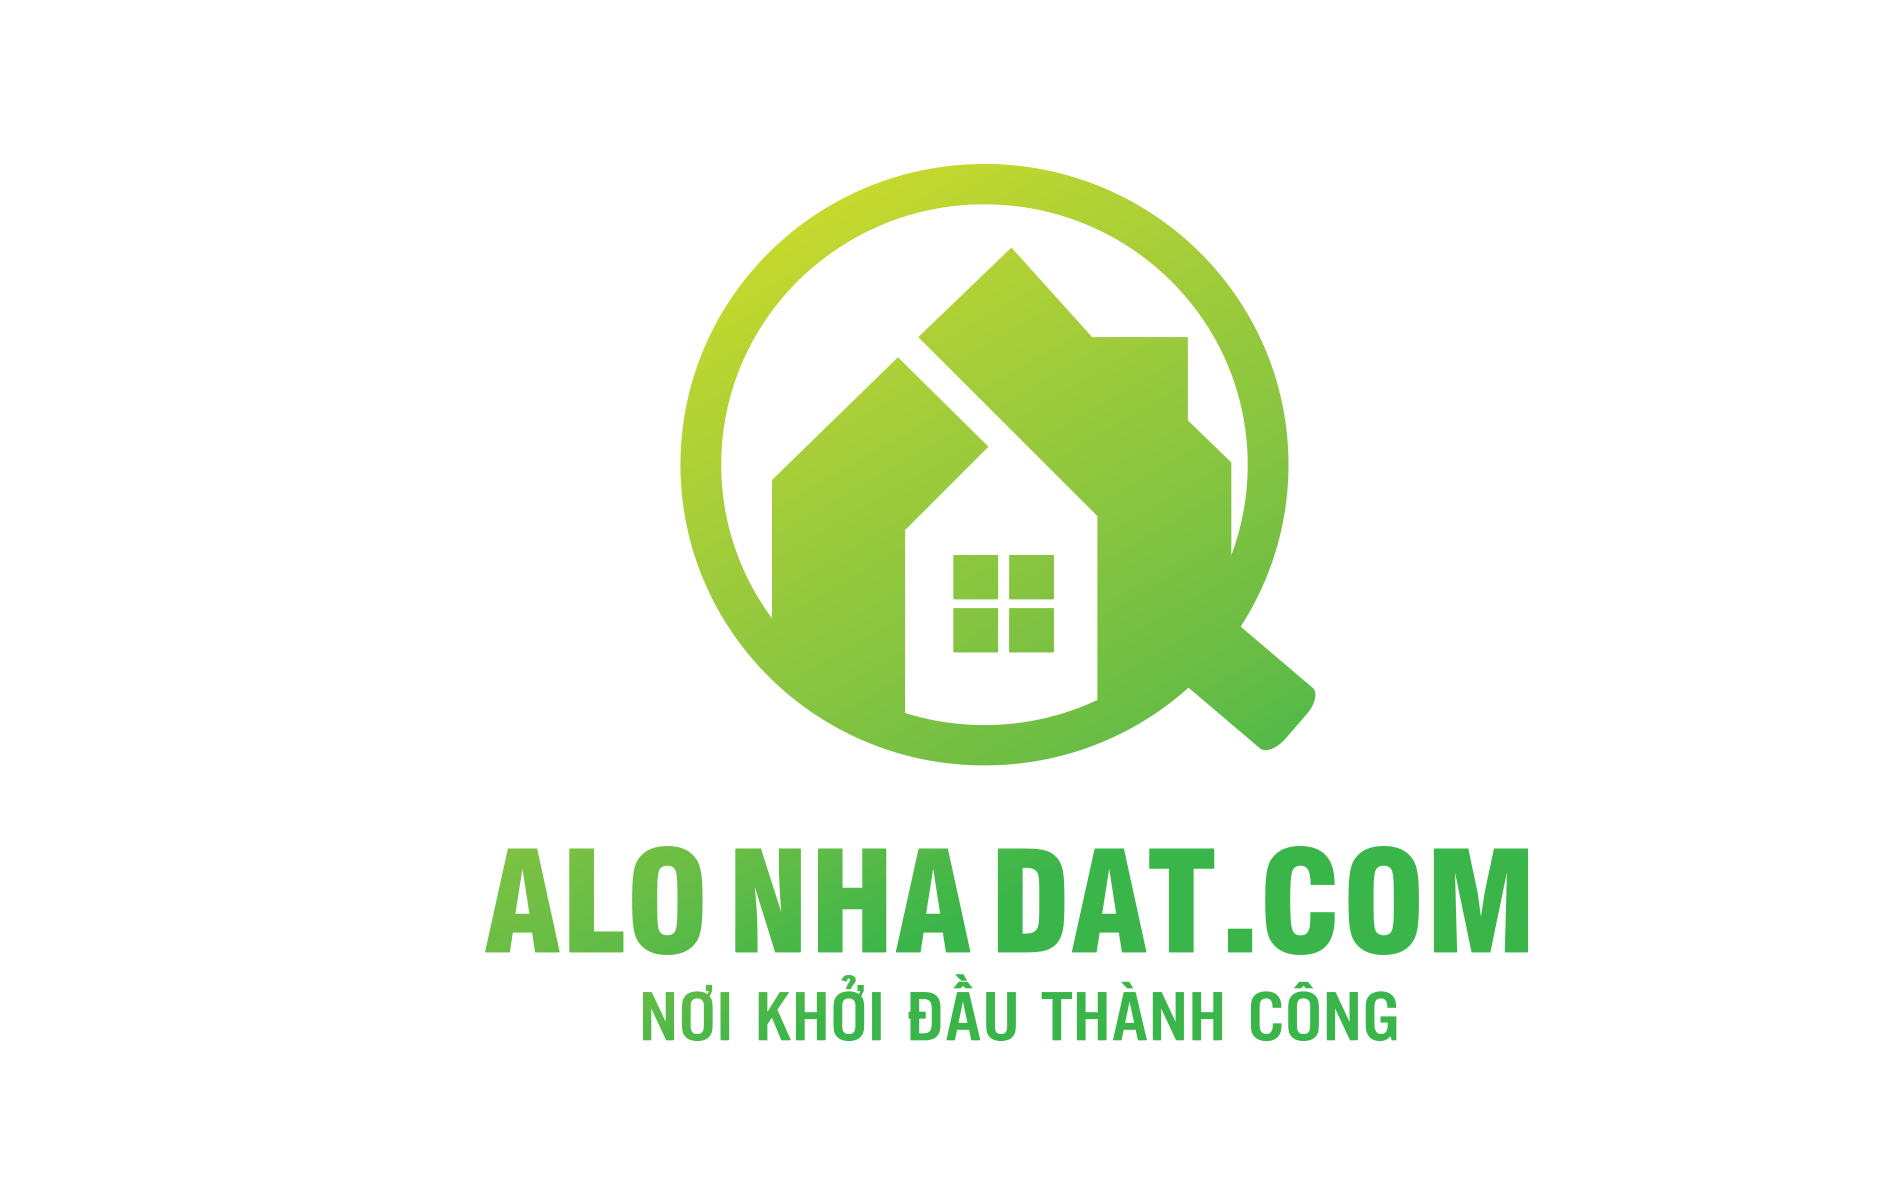 5-website-bat-dong-san-lon-nhat-viet-nam-ma-ban-nen-biet-2